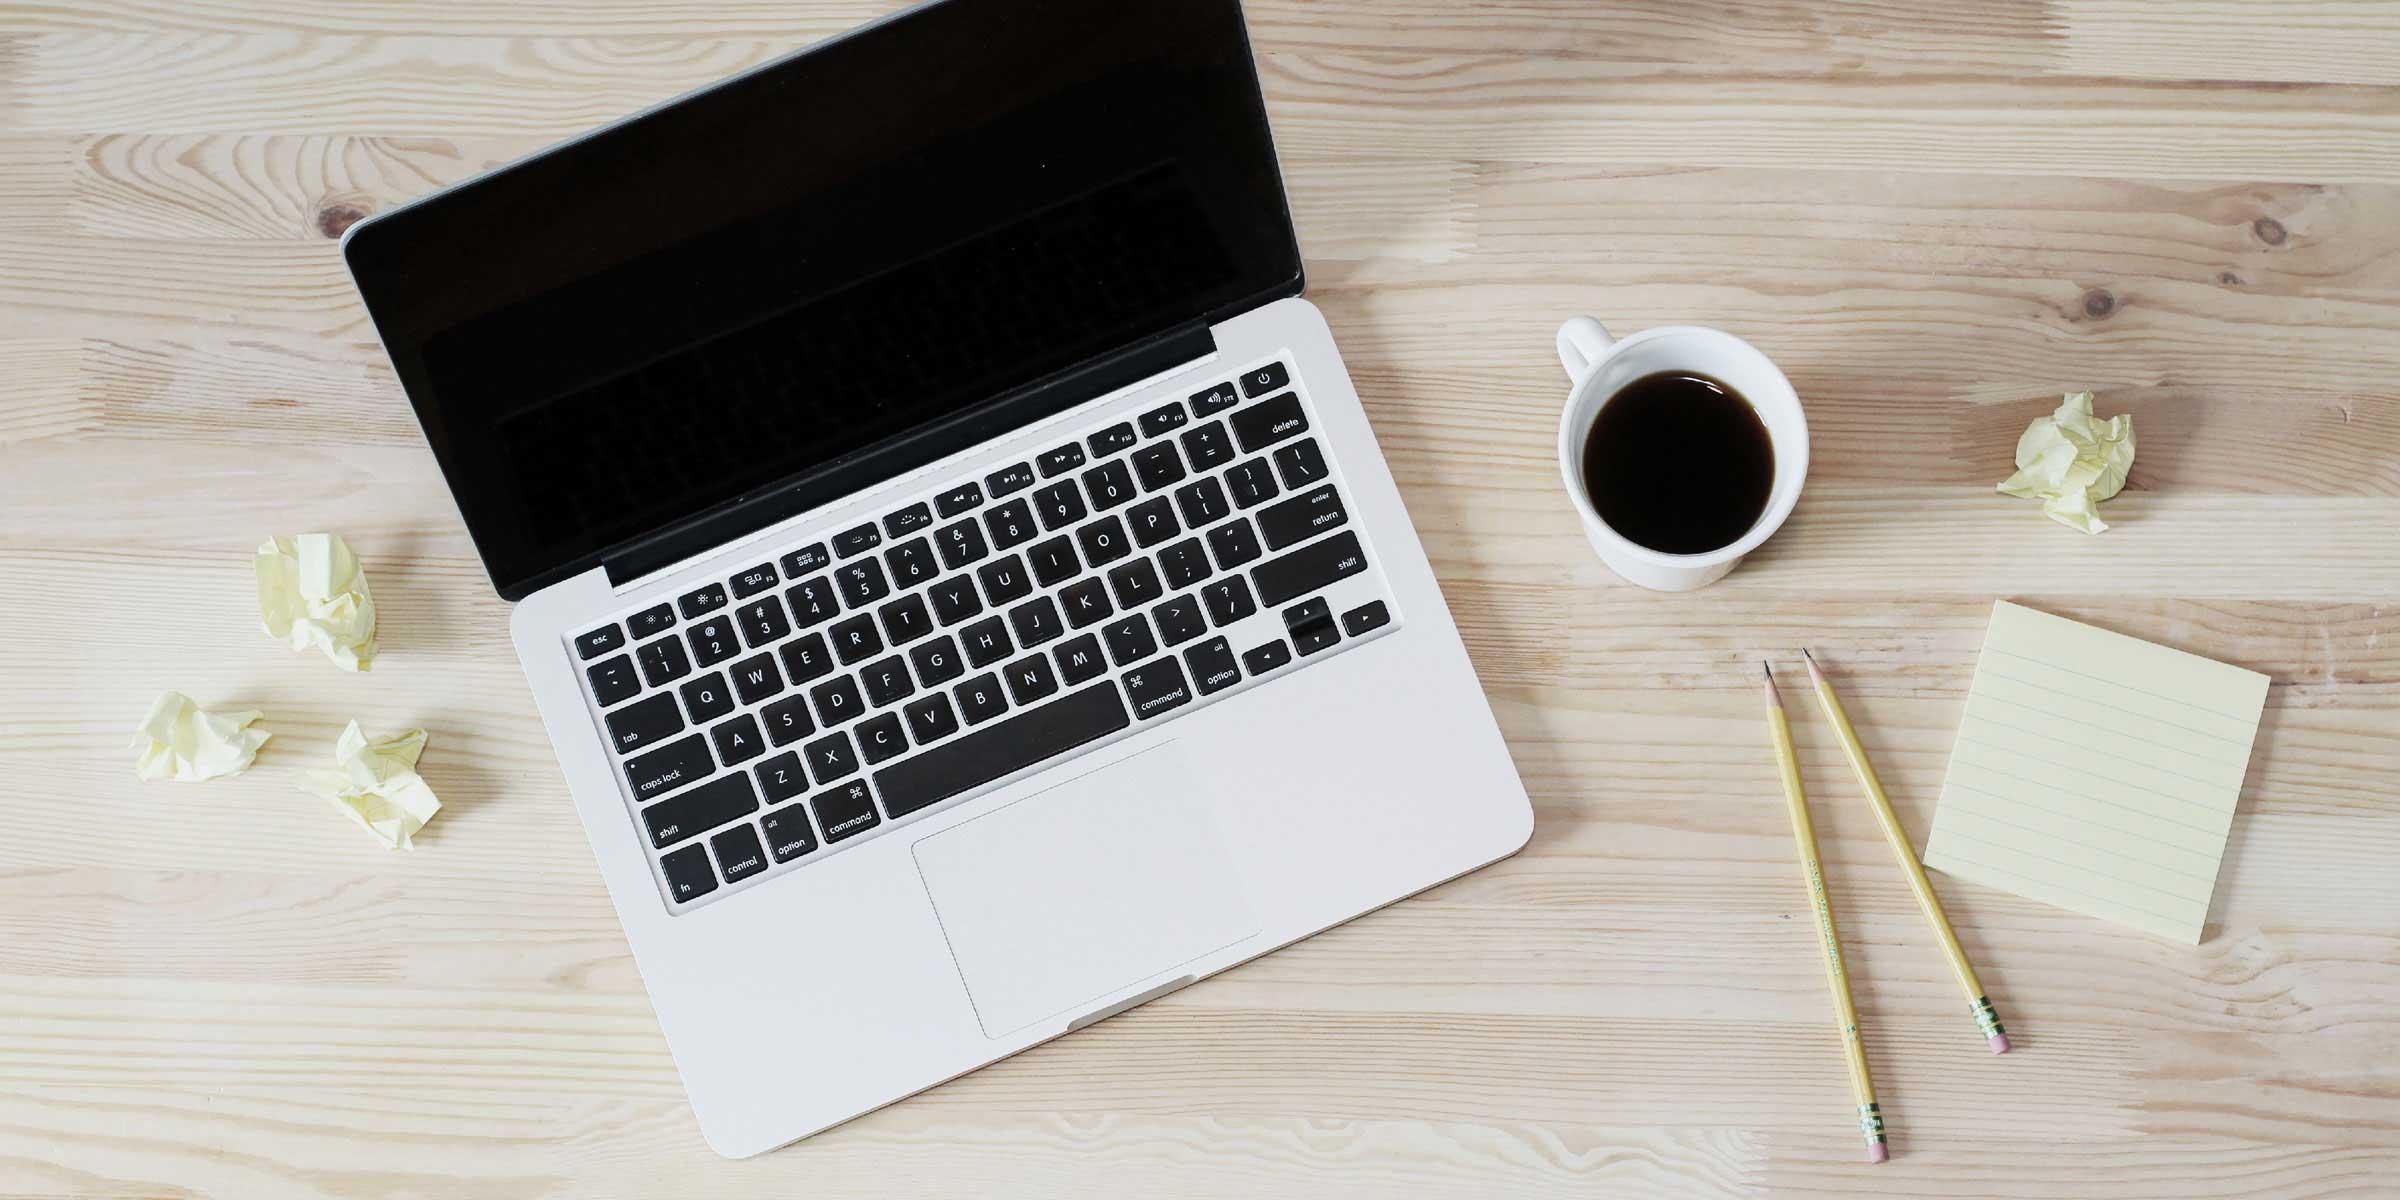 Cursussen webdesign: laptop met 2 potloden voor notities